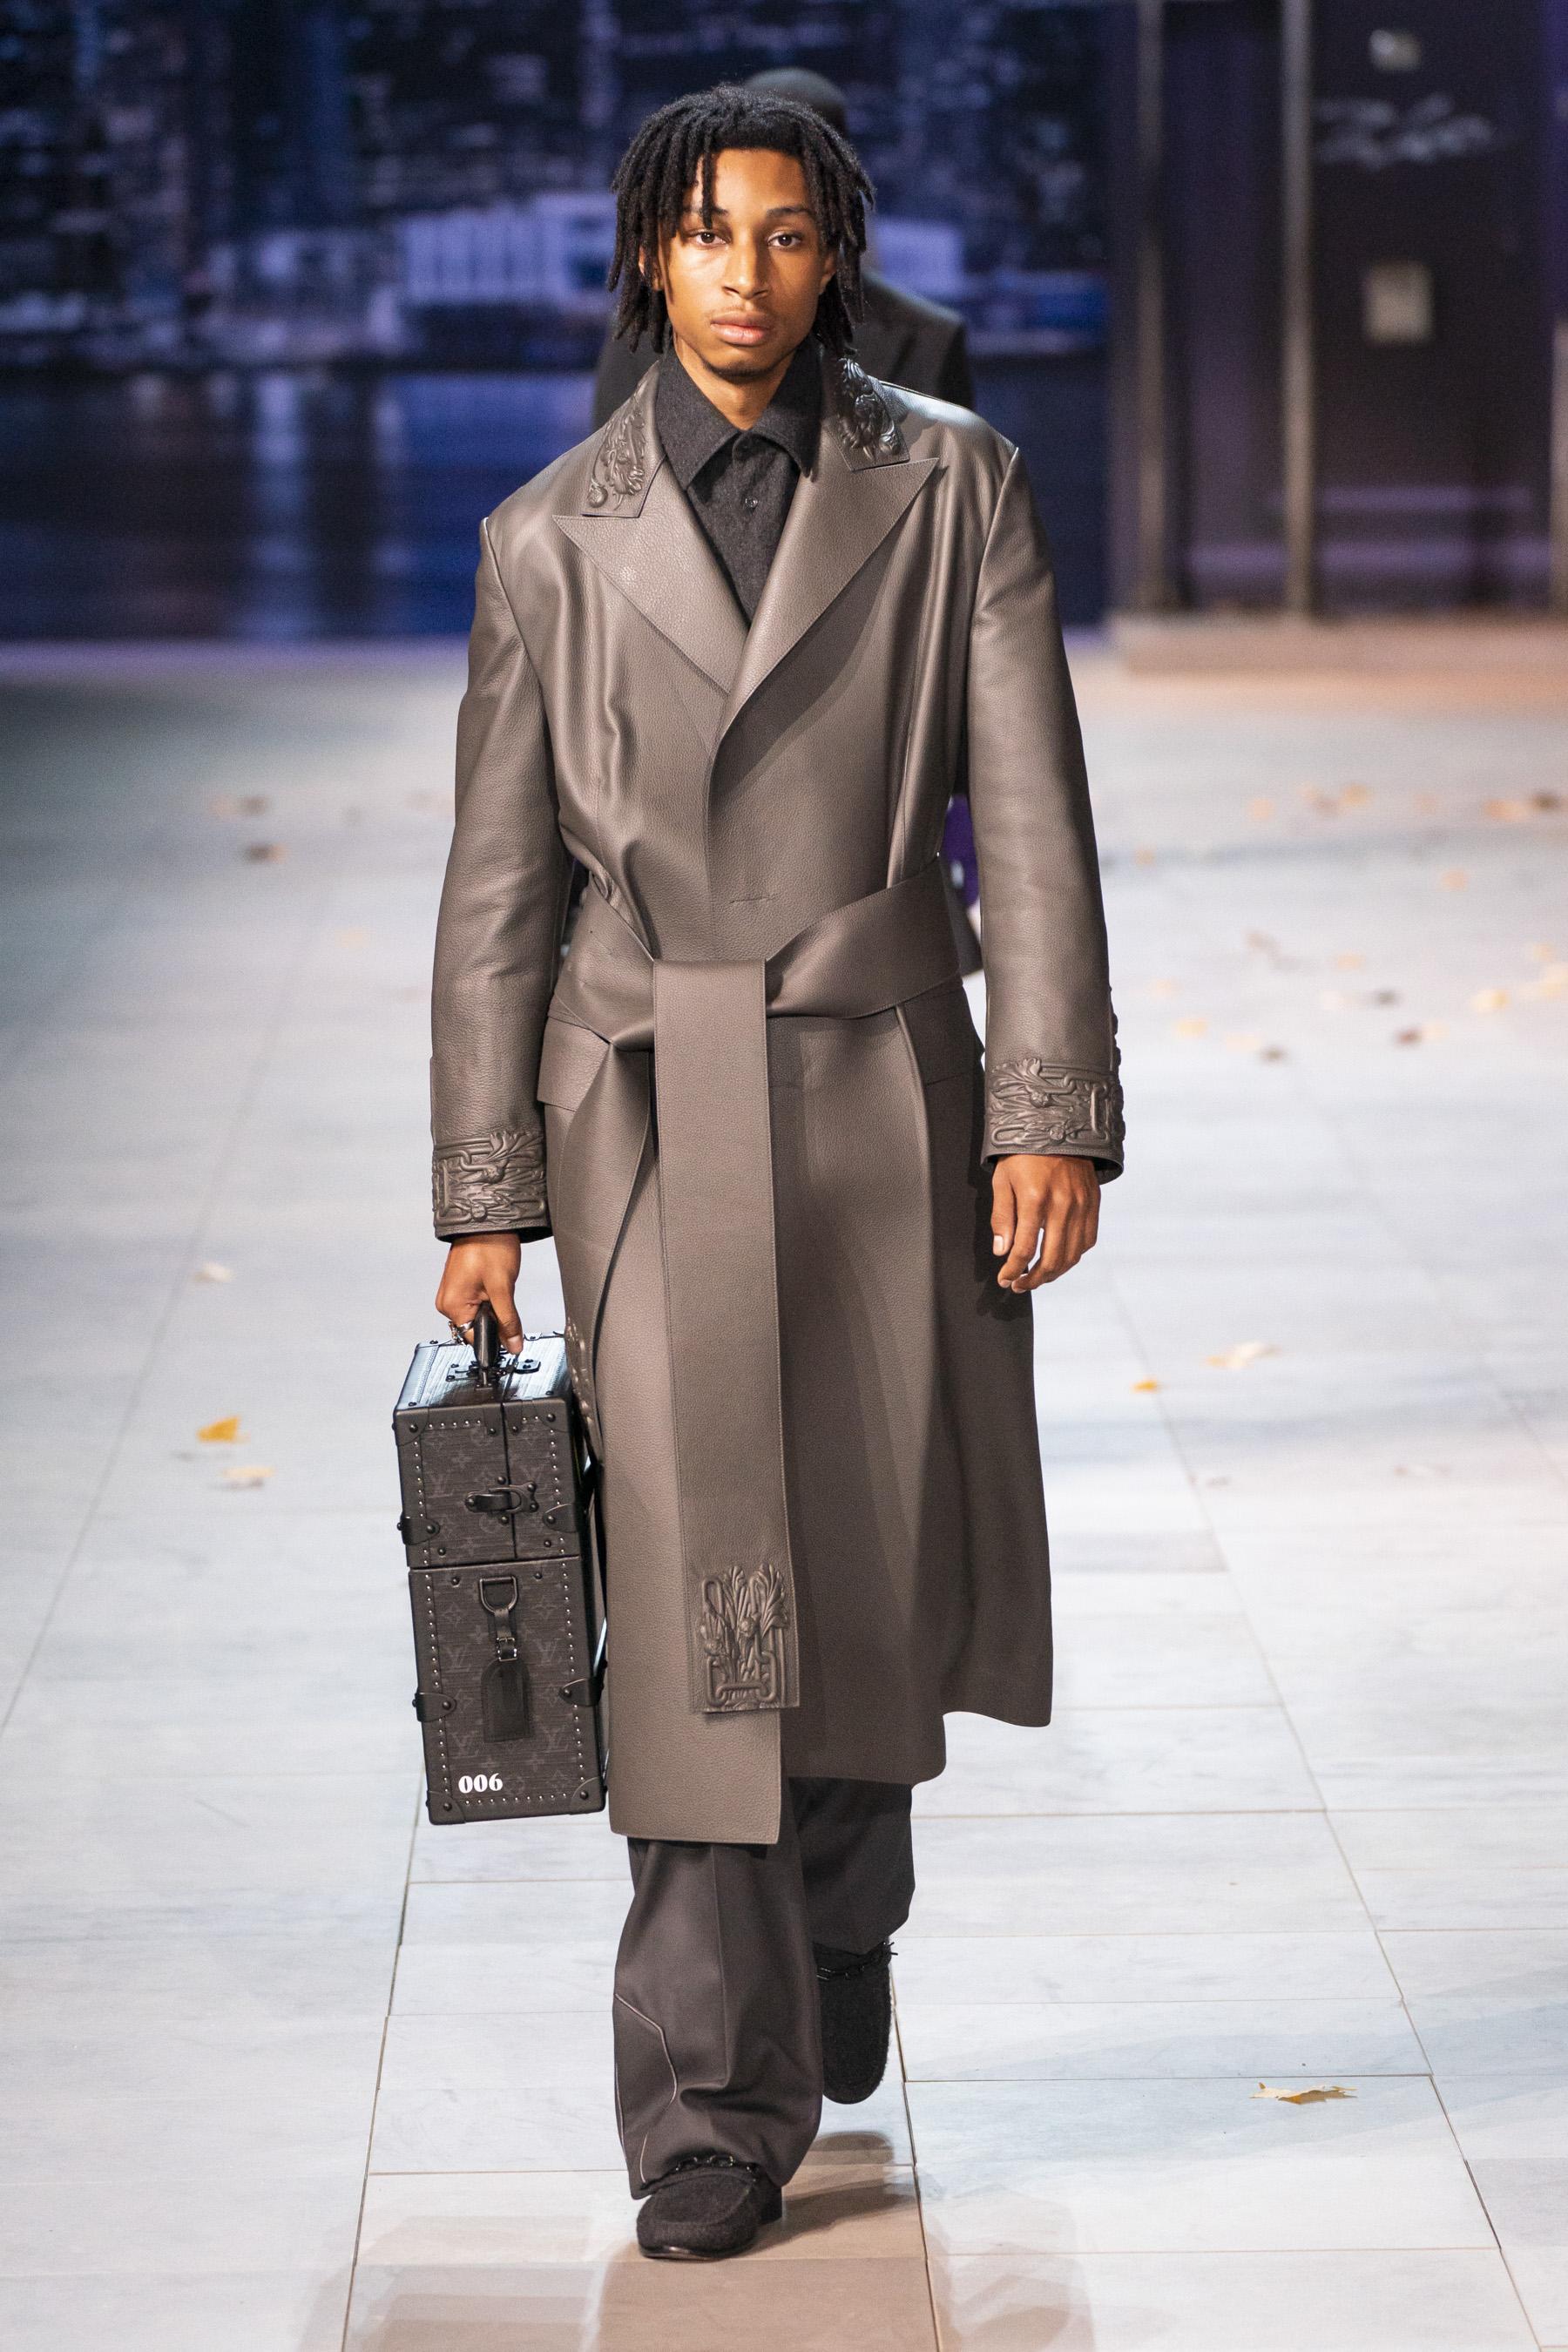 3ceab0e9722 Défilé Louis Vuitton automne-hiver 2019-2020 Homme - Madame Figaro